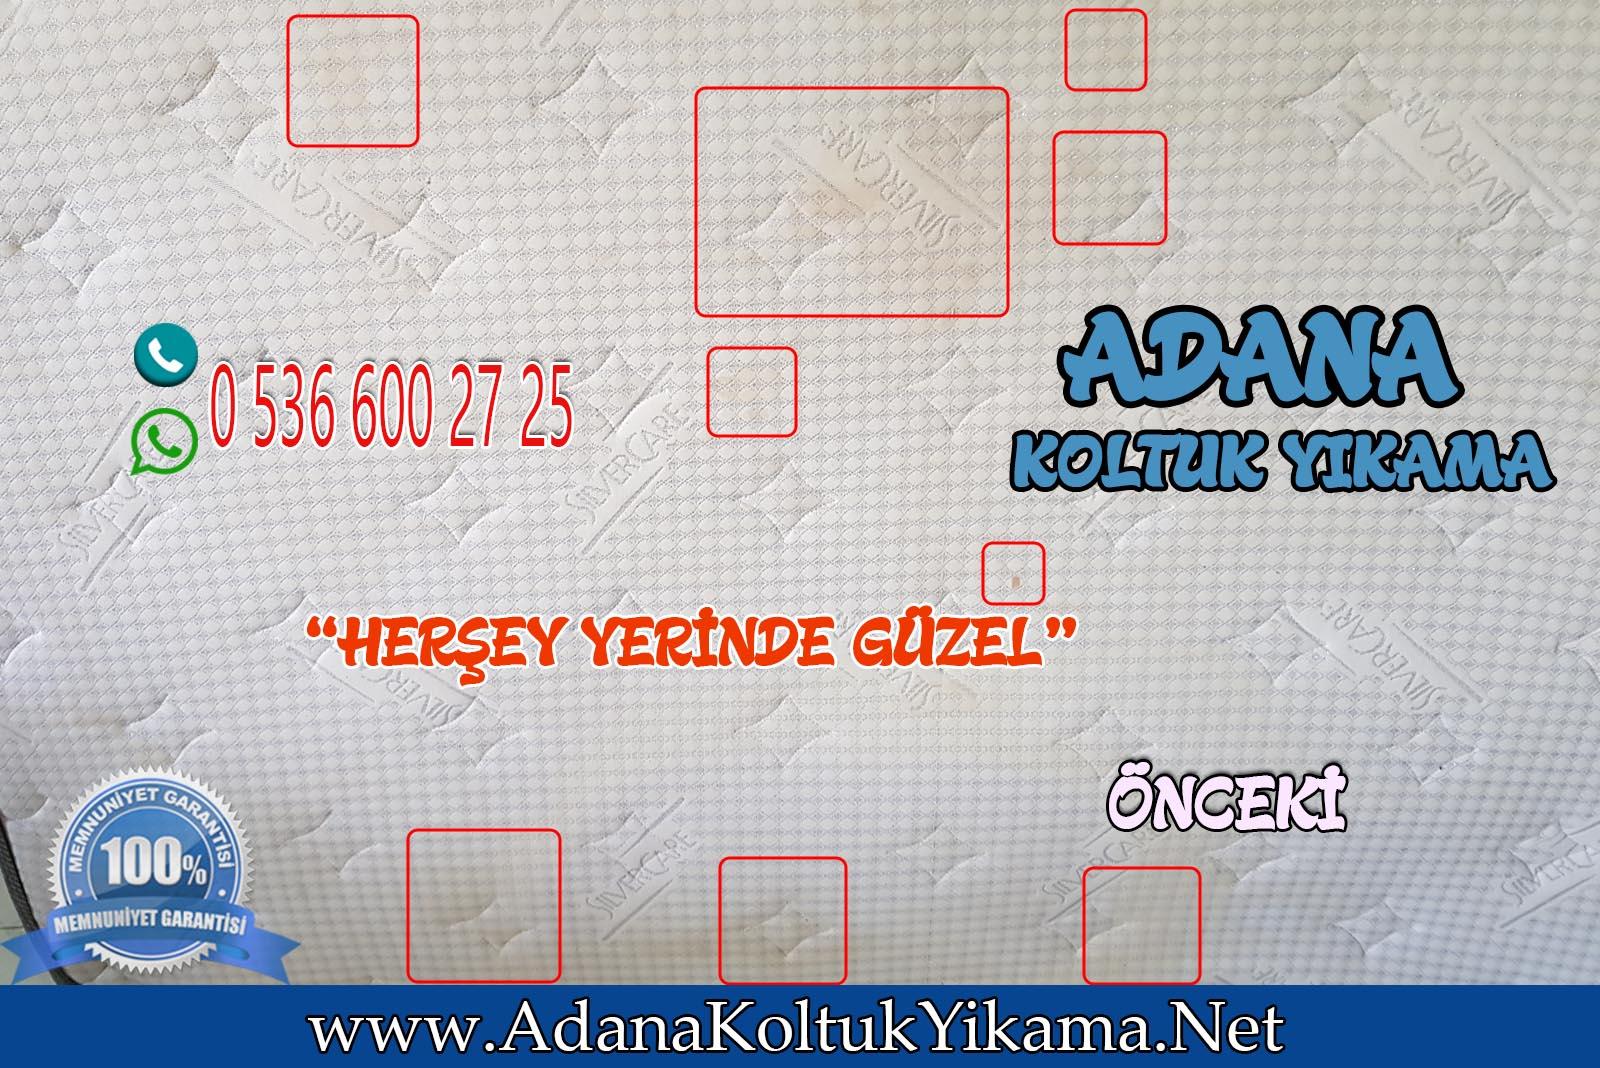 Adana Koltuk Yıkama+Esentepe+Sarıçam+Mekan Yatak Yıkama